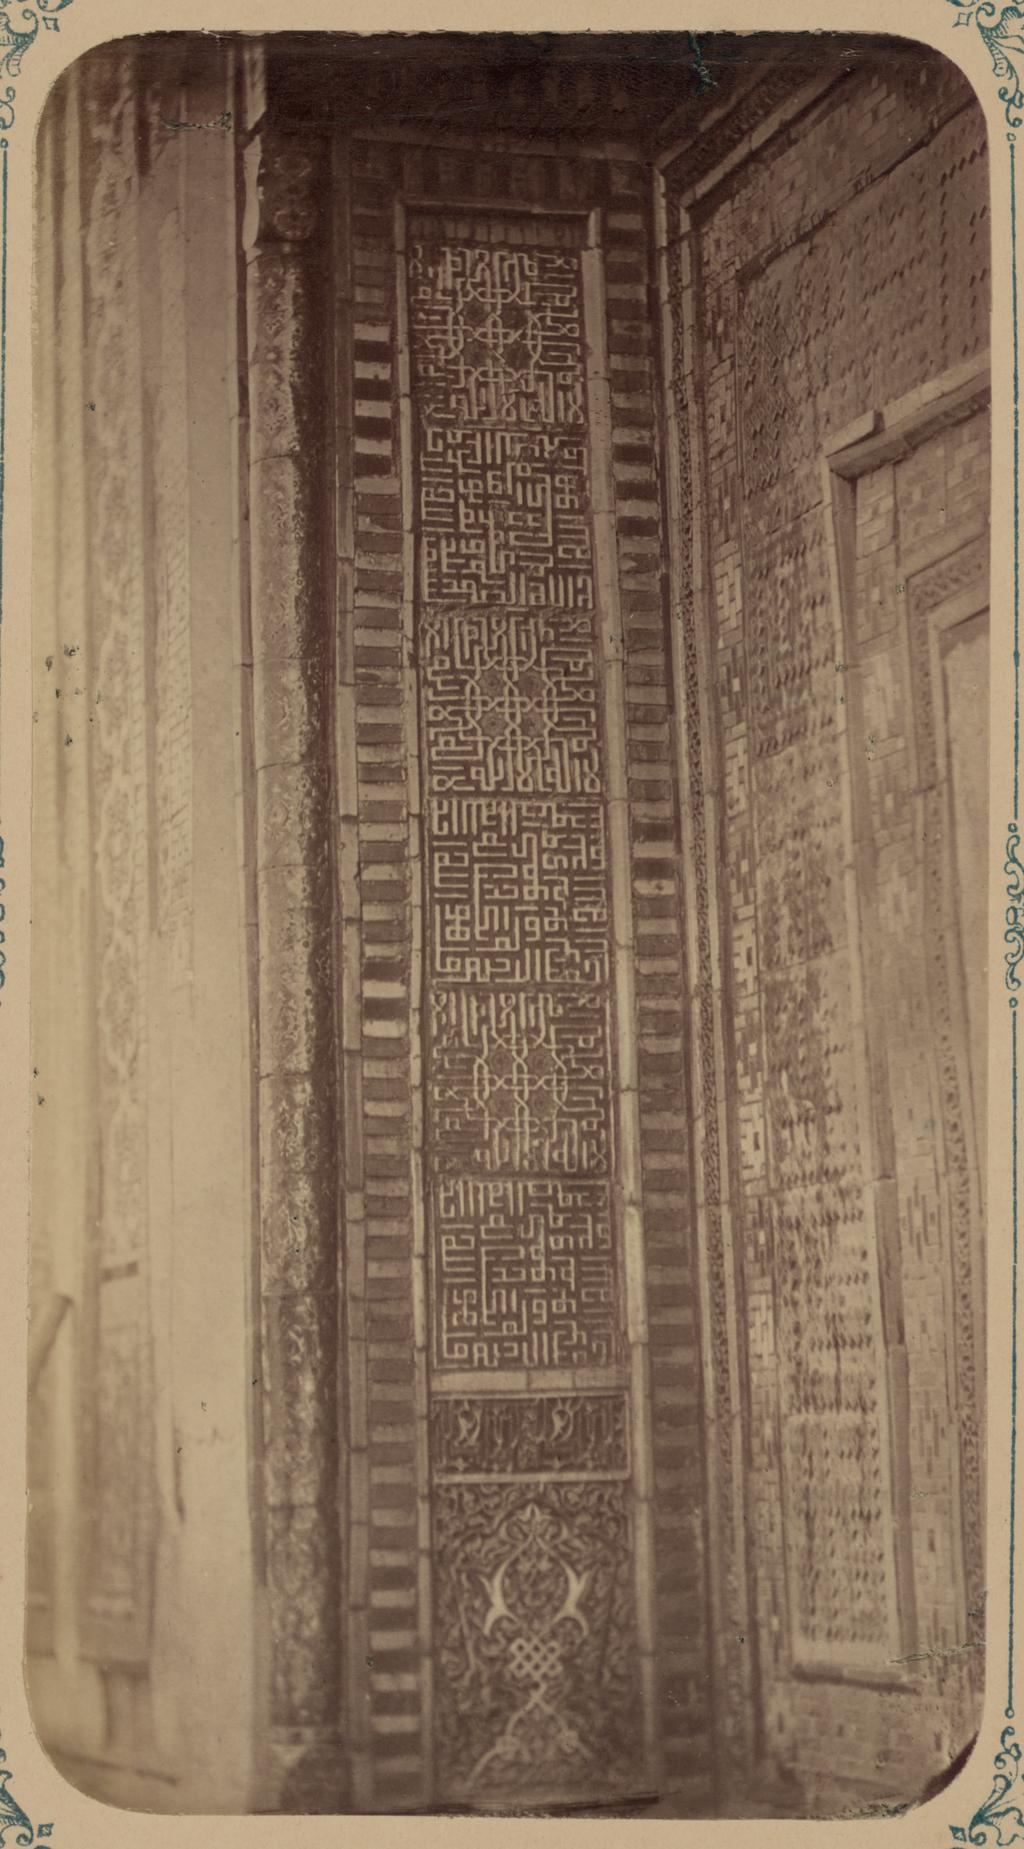 Мавзолей Чучун-Бека. Надпись на левой панели, обращенной к нише